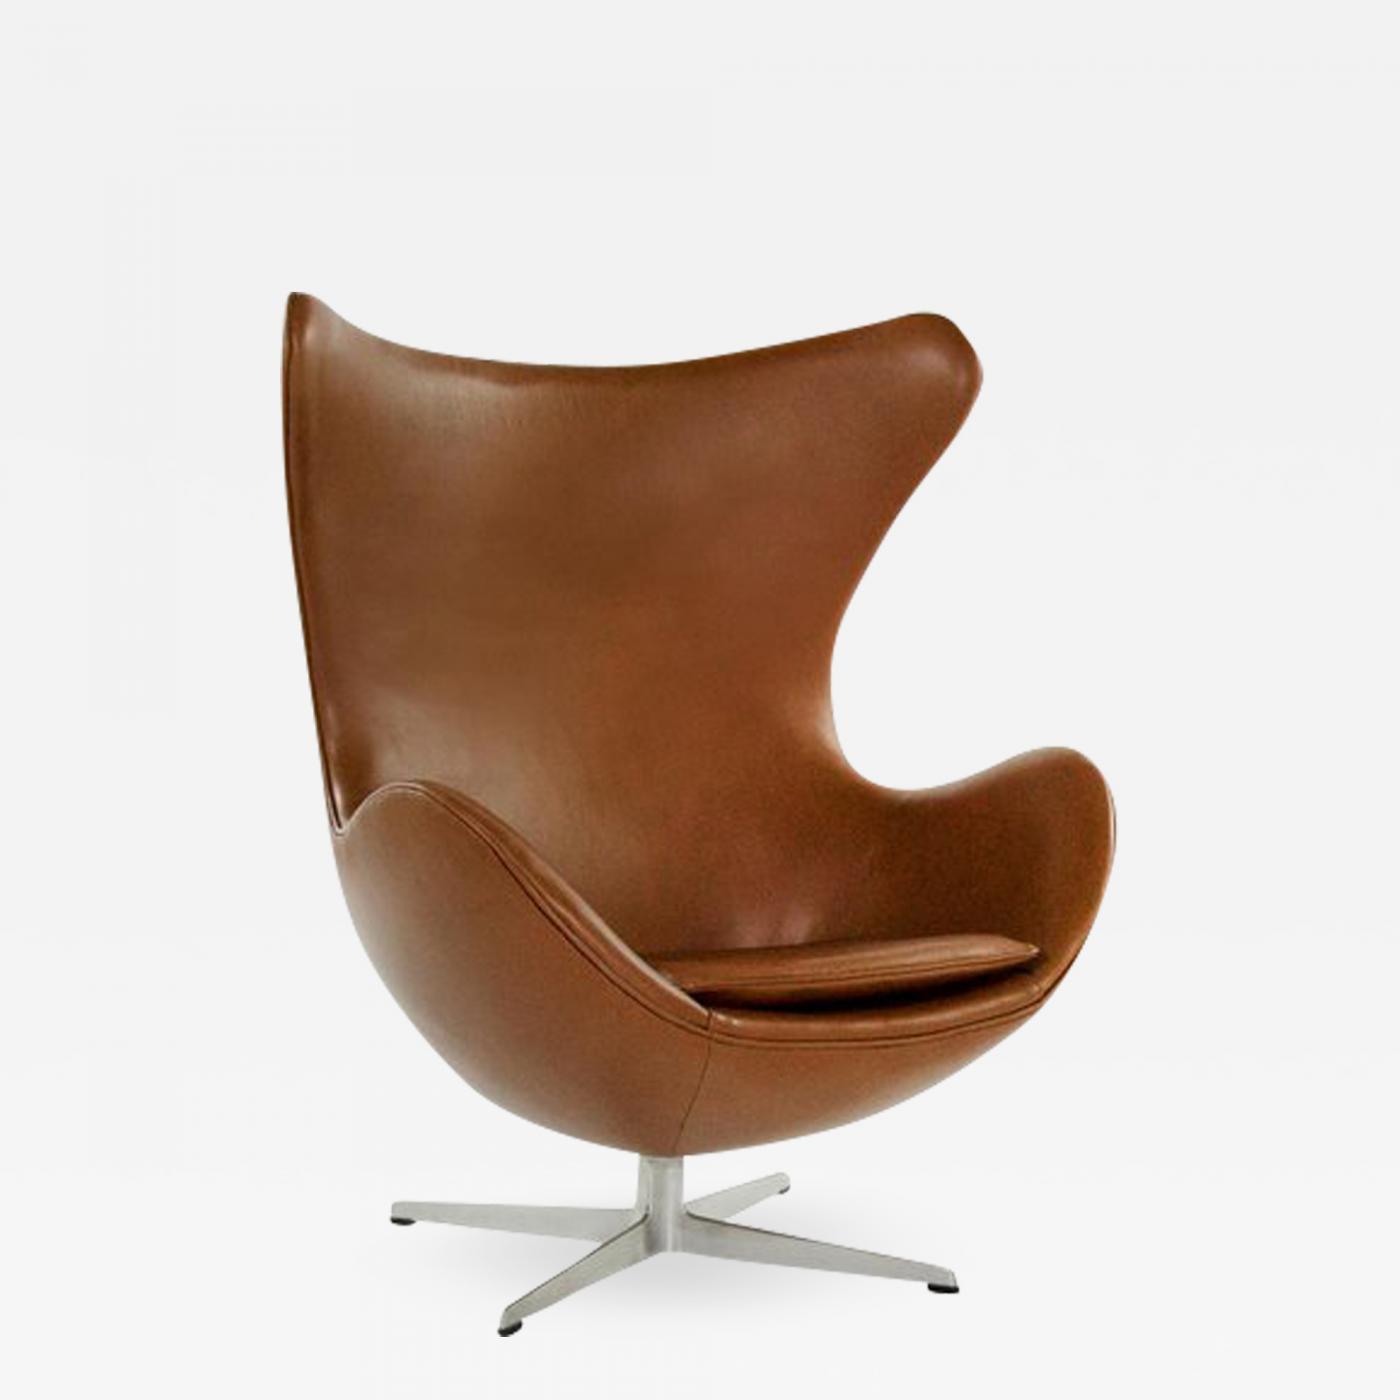 Egg Chair Jacobsen.Arne Jacobsen Arne Jacobsen For Fritz Hansen Egg Chair Denmark 1966